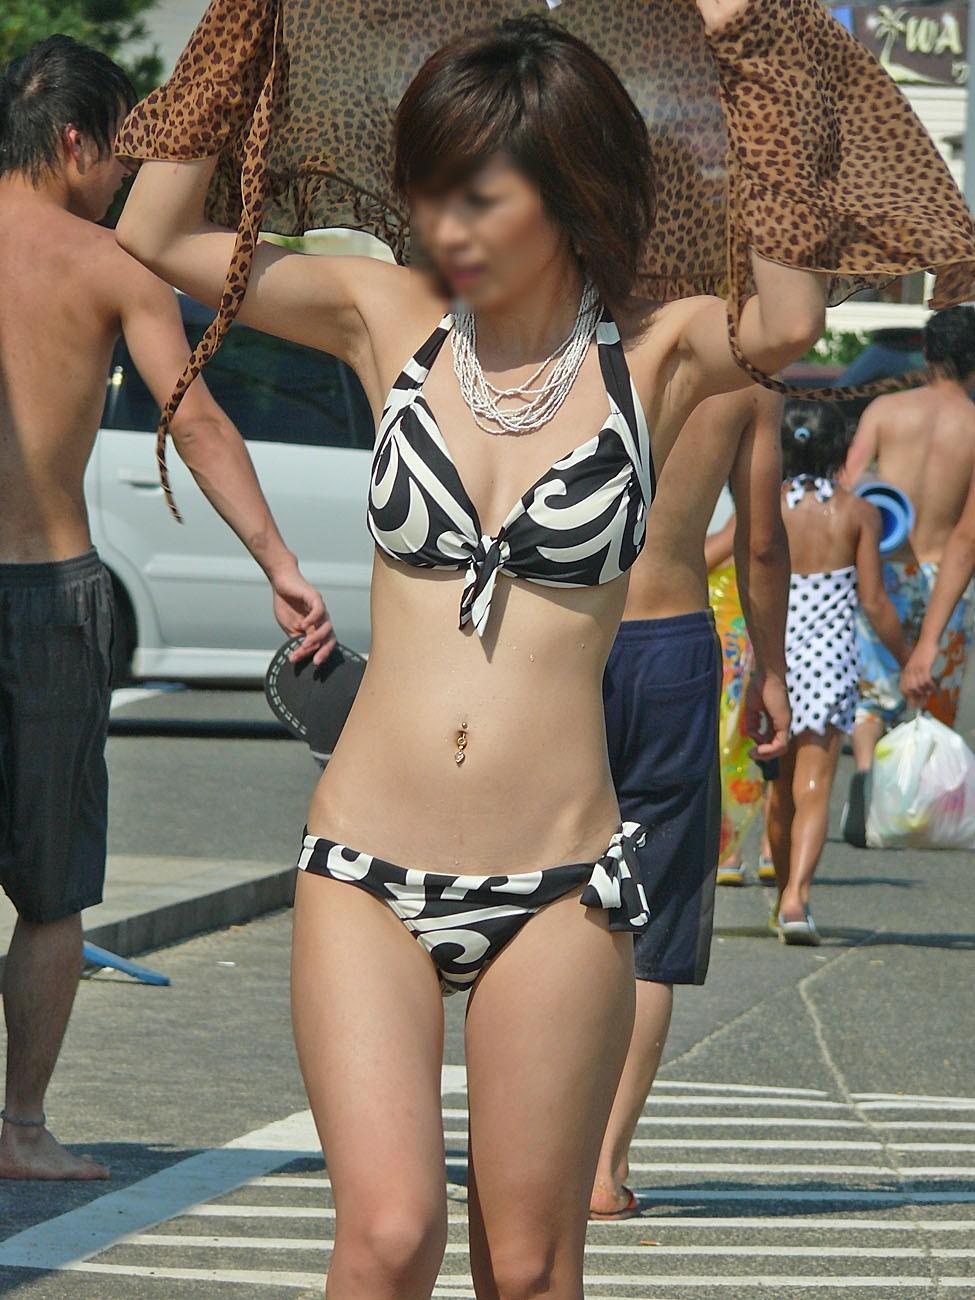 シロウトミズ着 秘密撮影えろ写真25枚☆ビーチで目に焼き付けたくなるえろ小娘をカメラに収めてオナネタにwwwwww